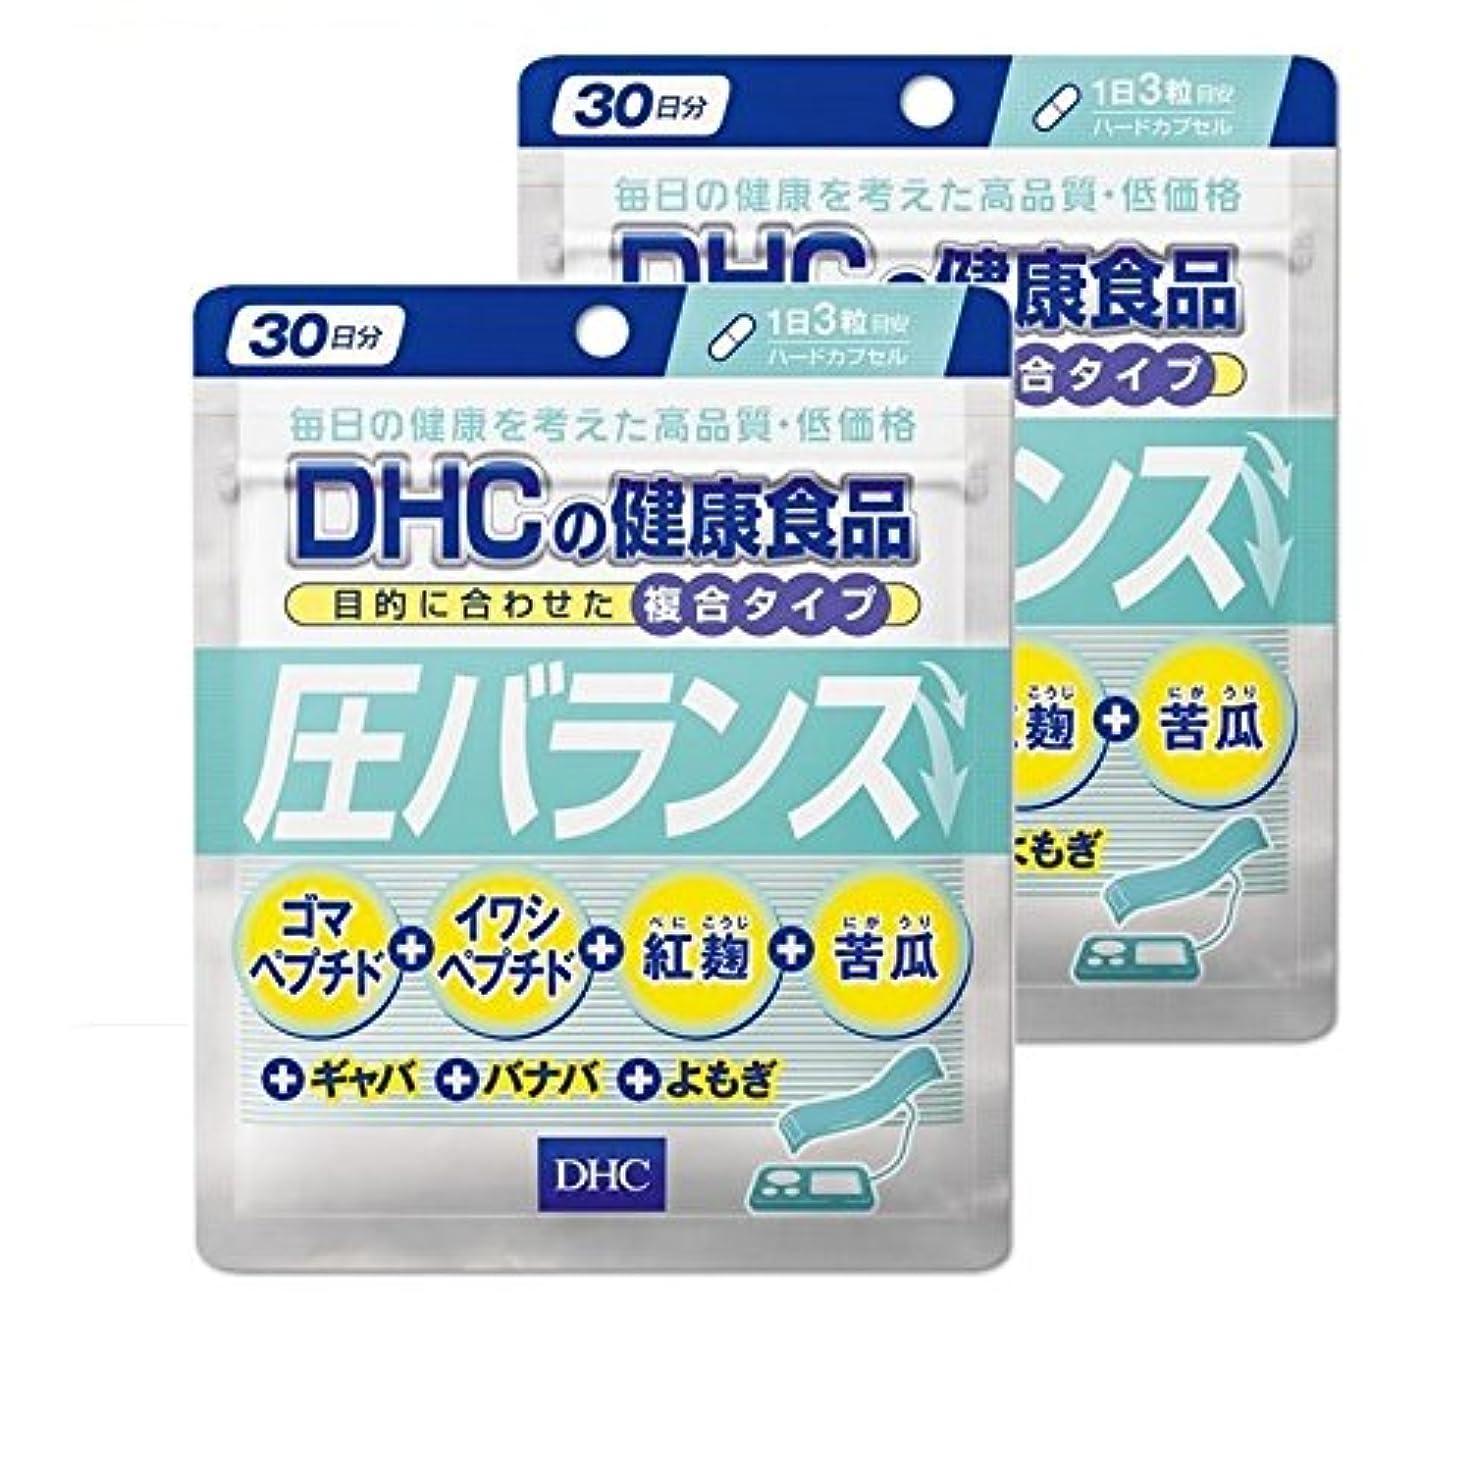 じゃがいもアレンジ可能にするDHC 圧バランス 30日分×2袋